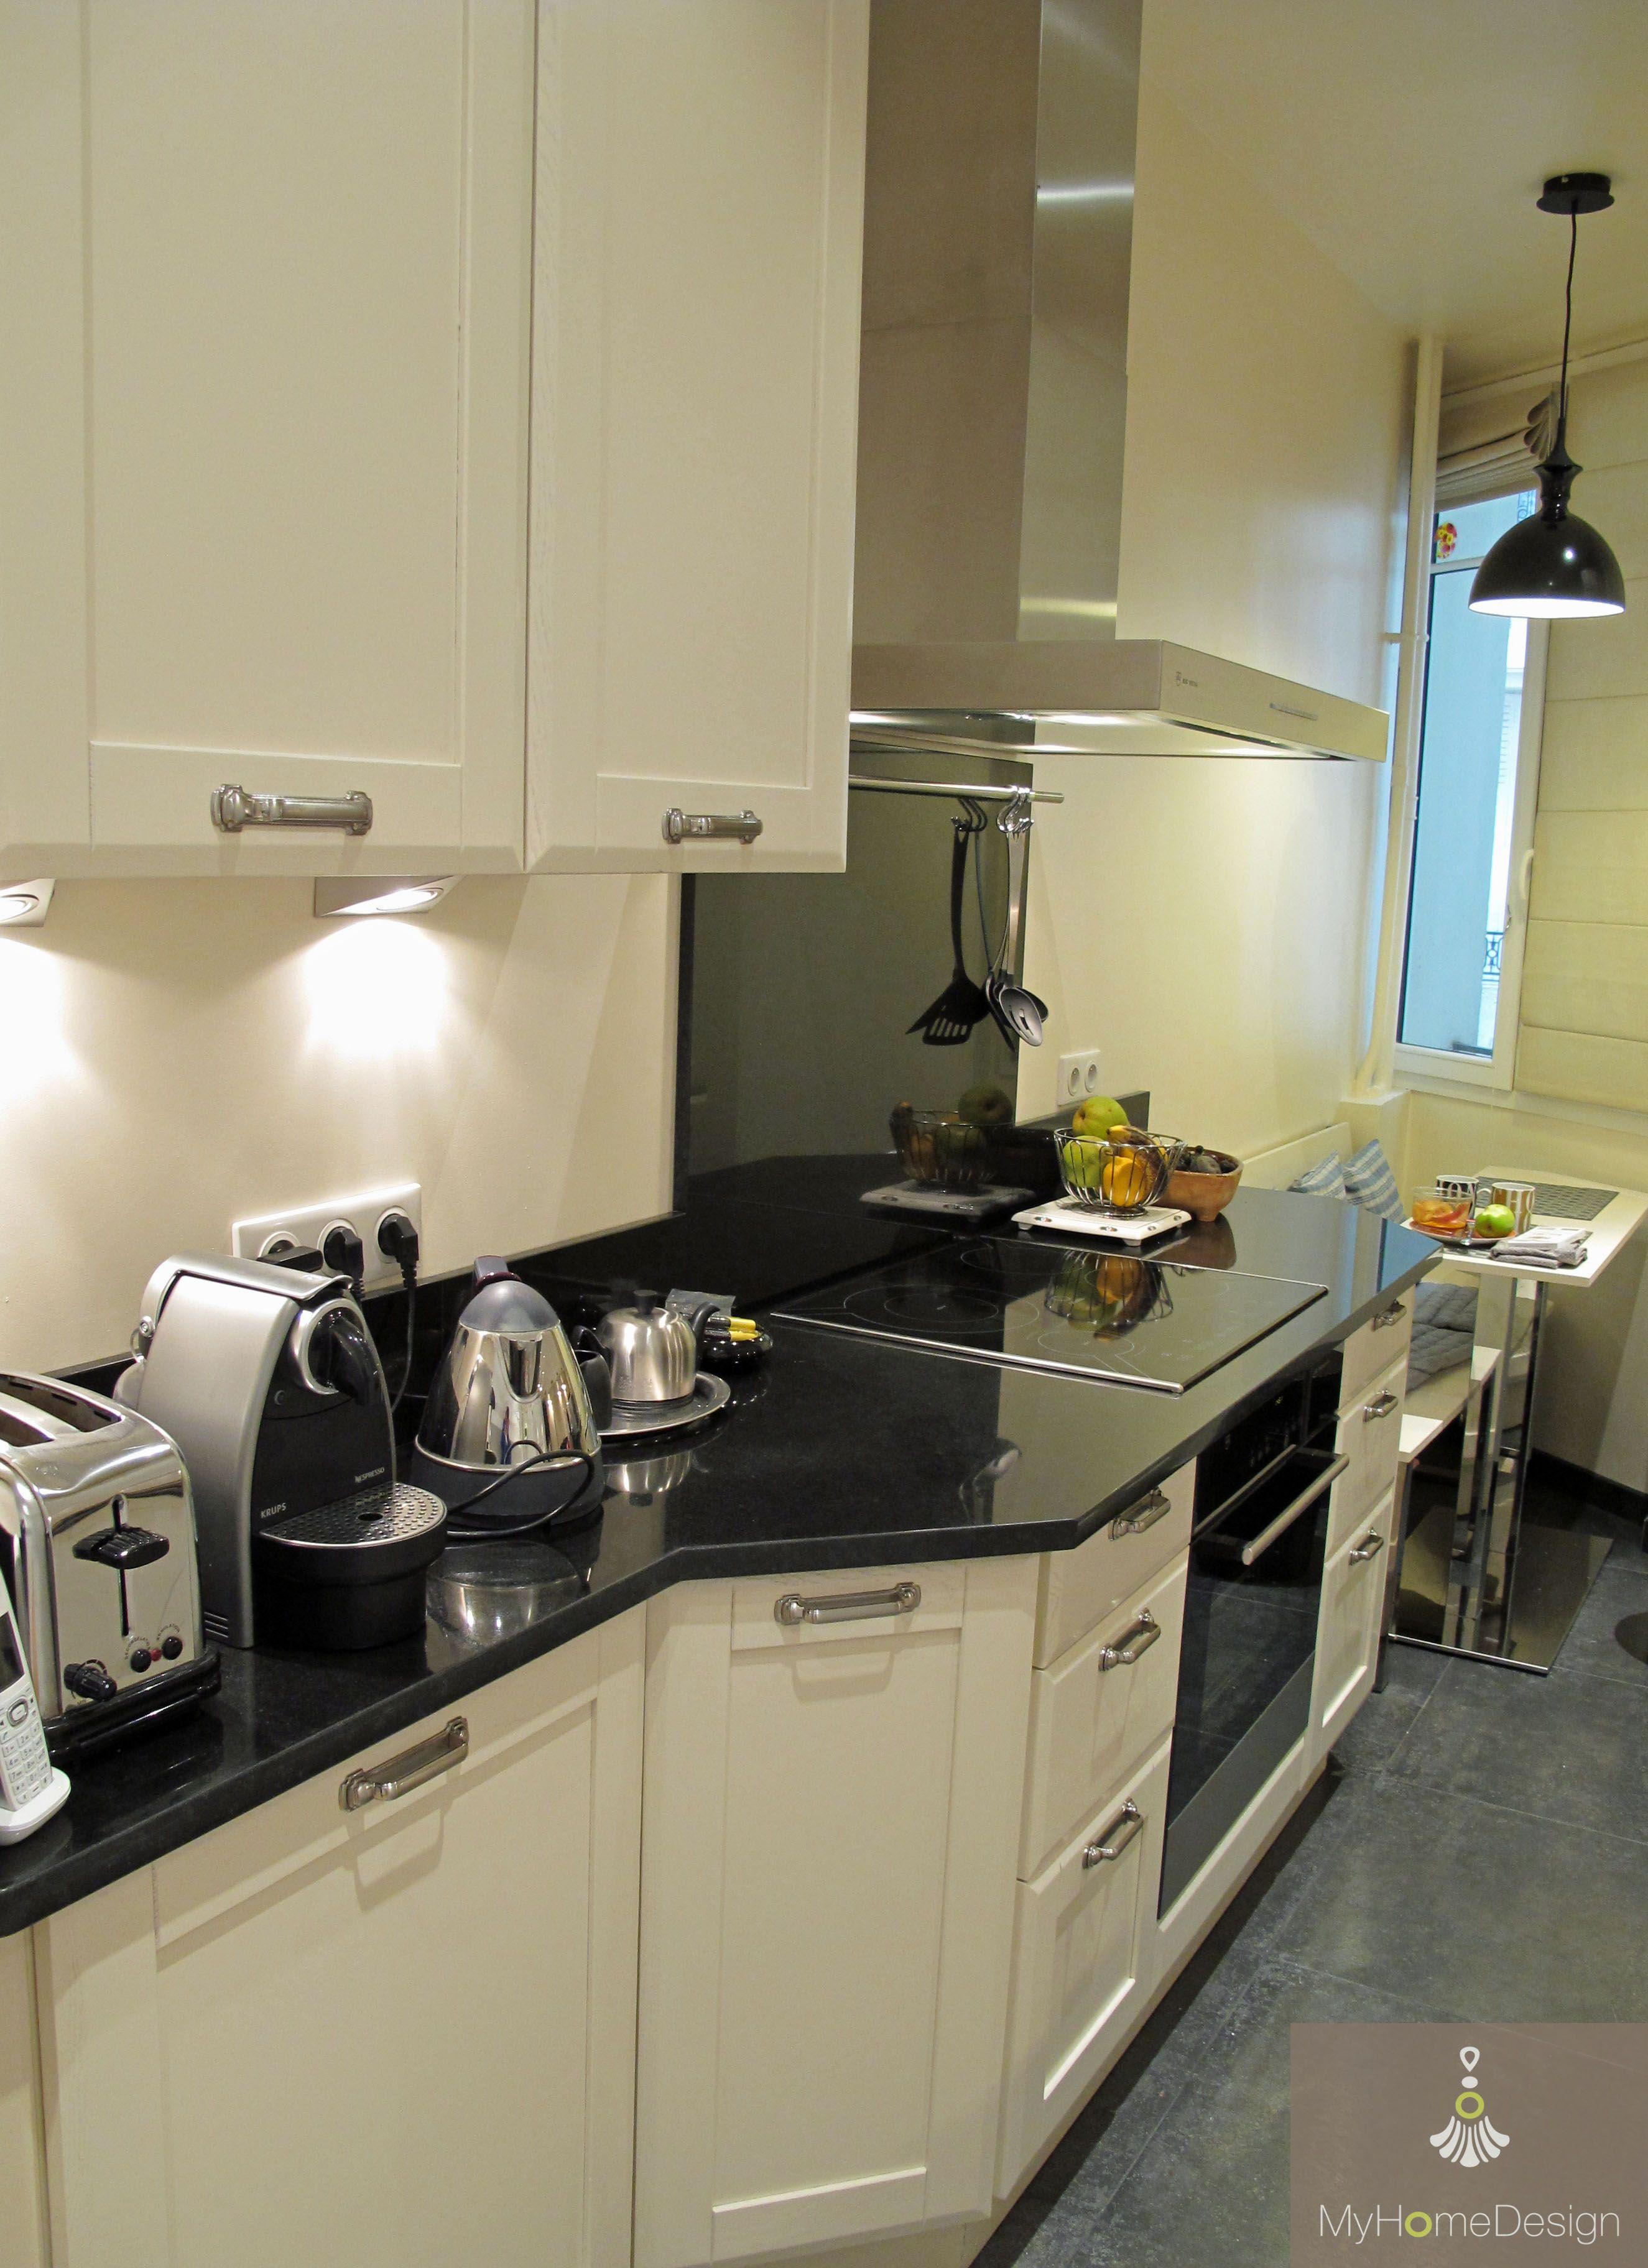 cuisine tr s troite avec espace repas plan en parall le. Black Bedroom Furniture Sets. Home Design Ideas